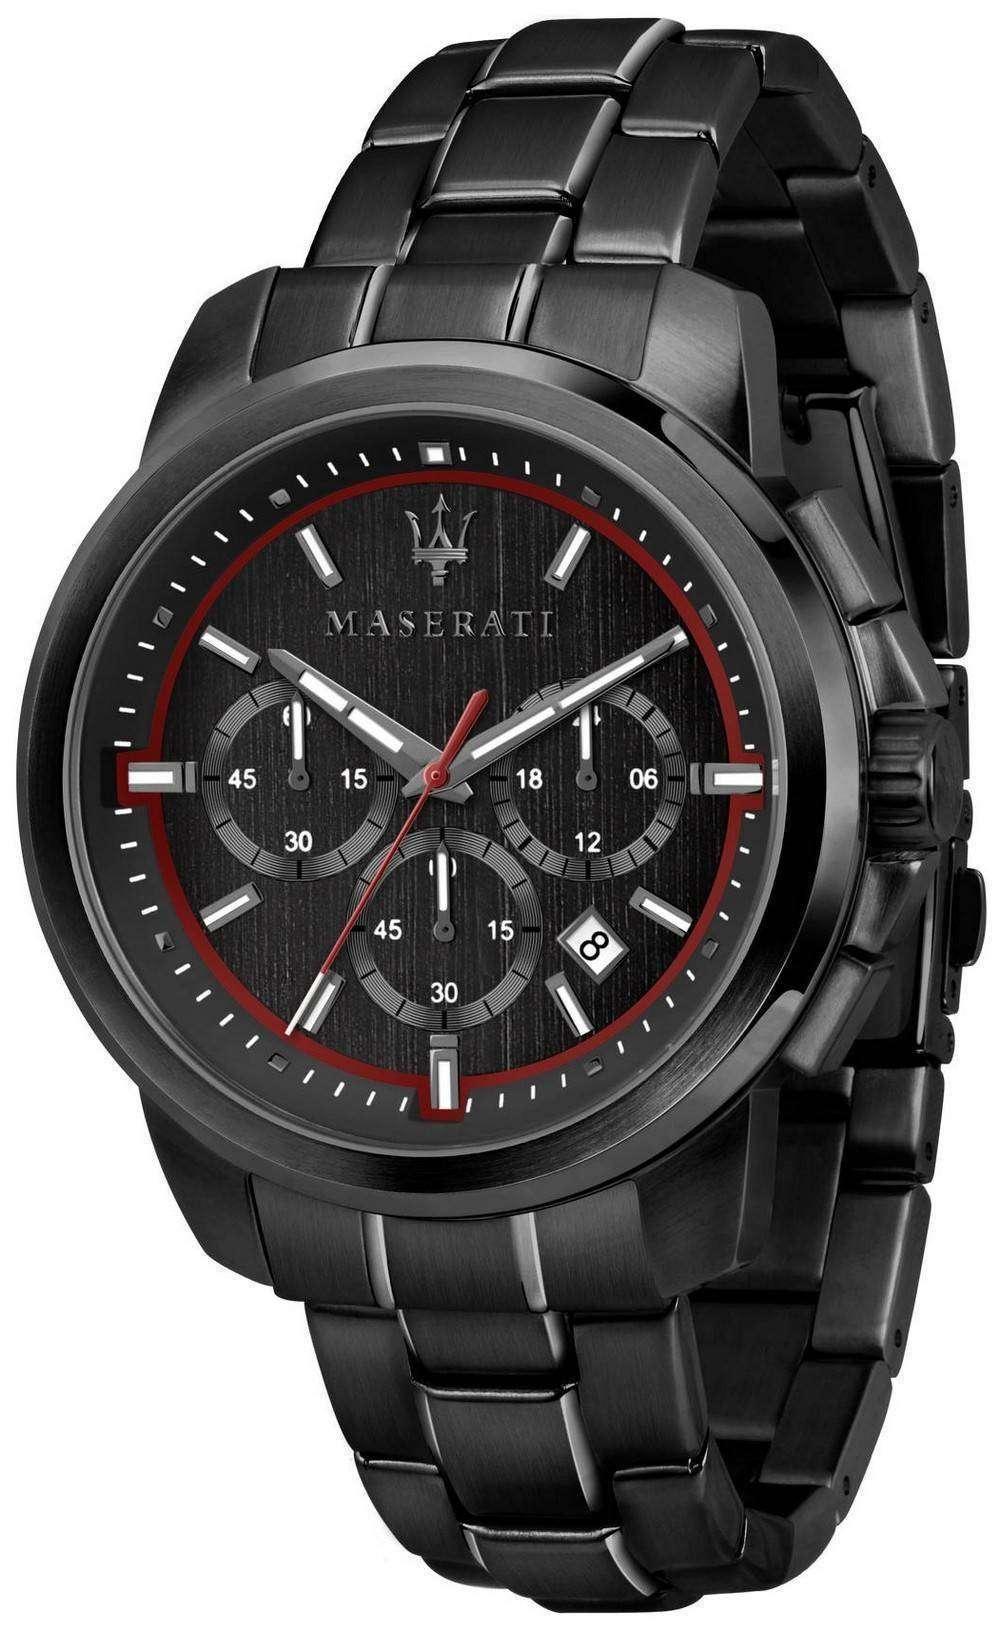 マセラティ Successo R8873621014 クロノグラフ クォーツ メンズ腕時計